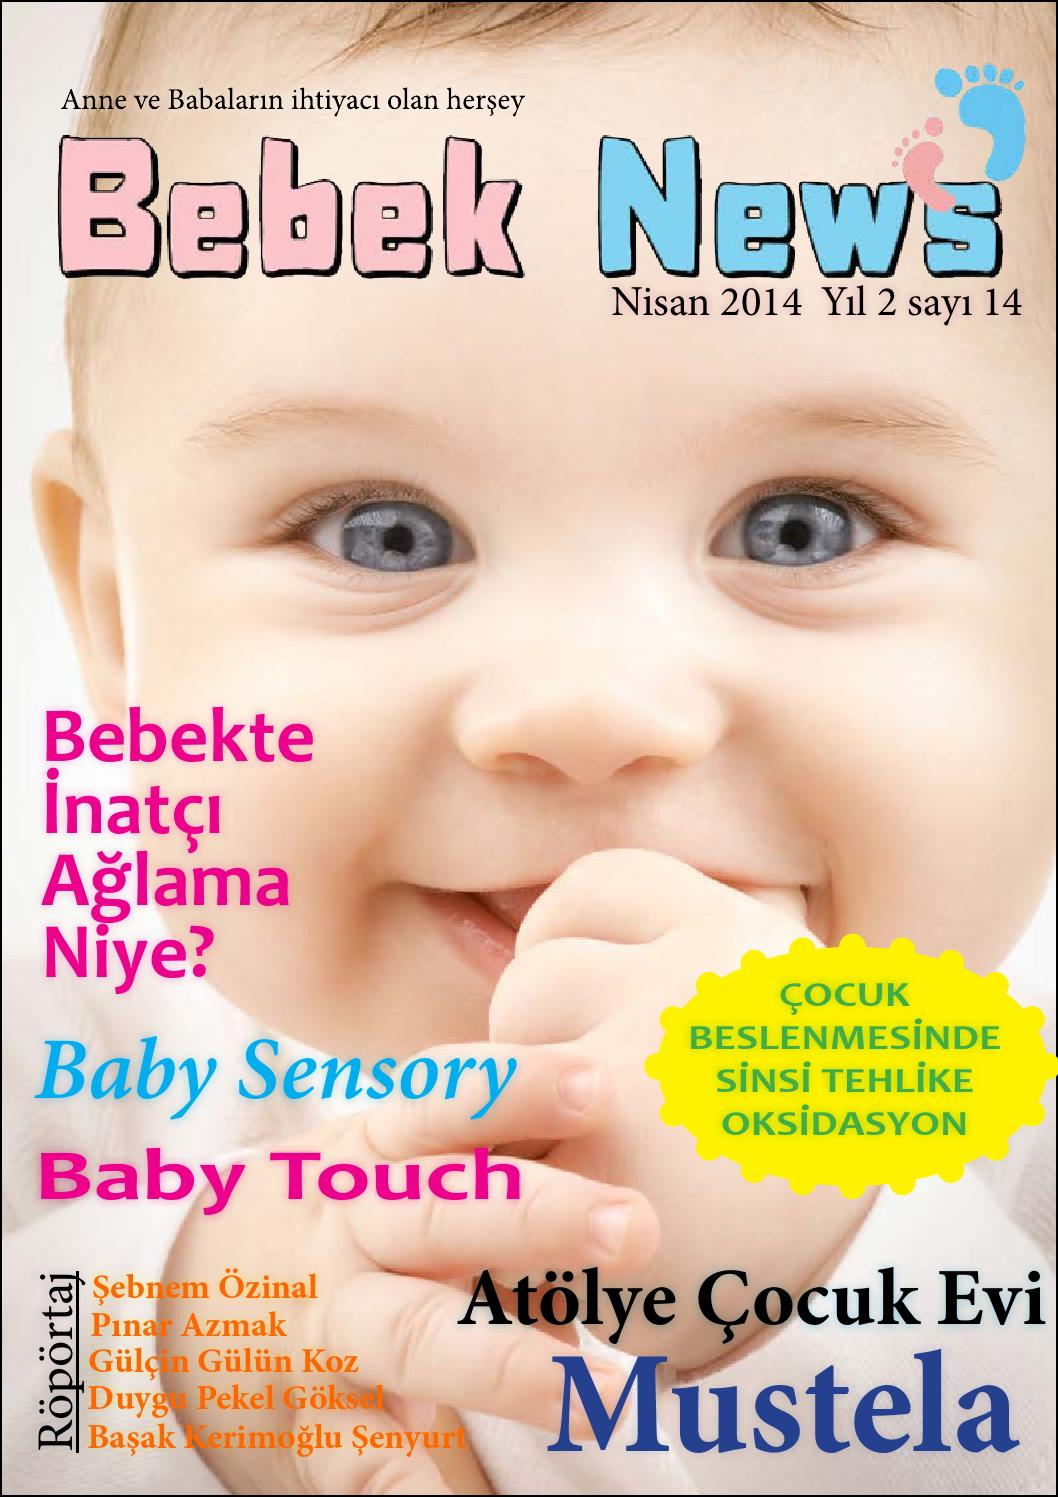 Bebeğin bağışıklık sisteminin ilk bariyerinin cildi olduğunu biliyor muydunuz